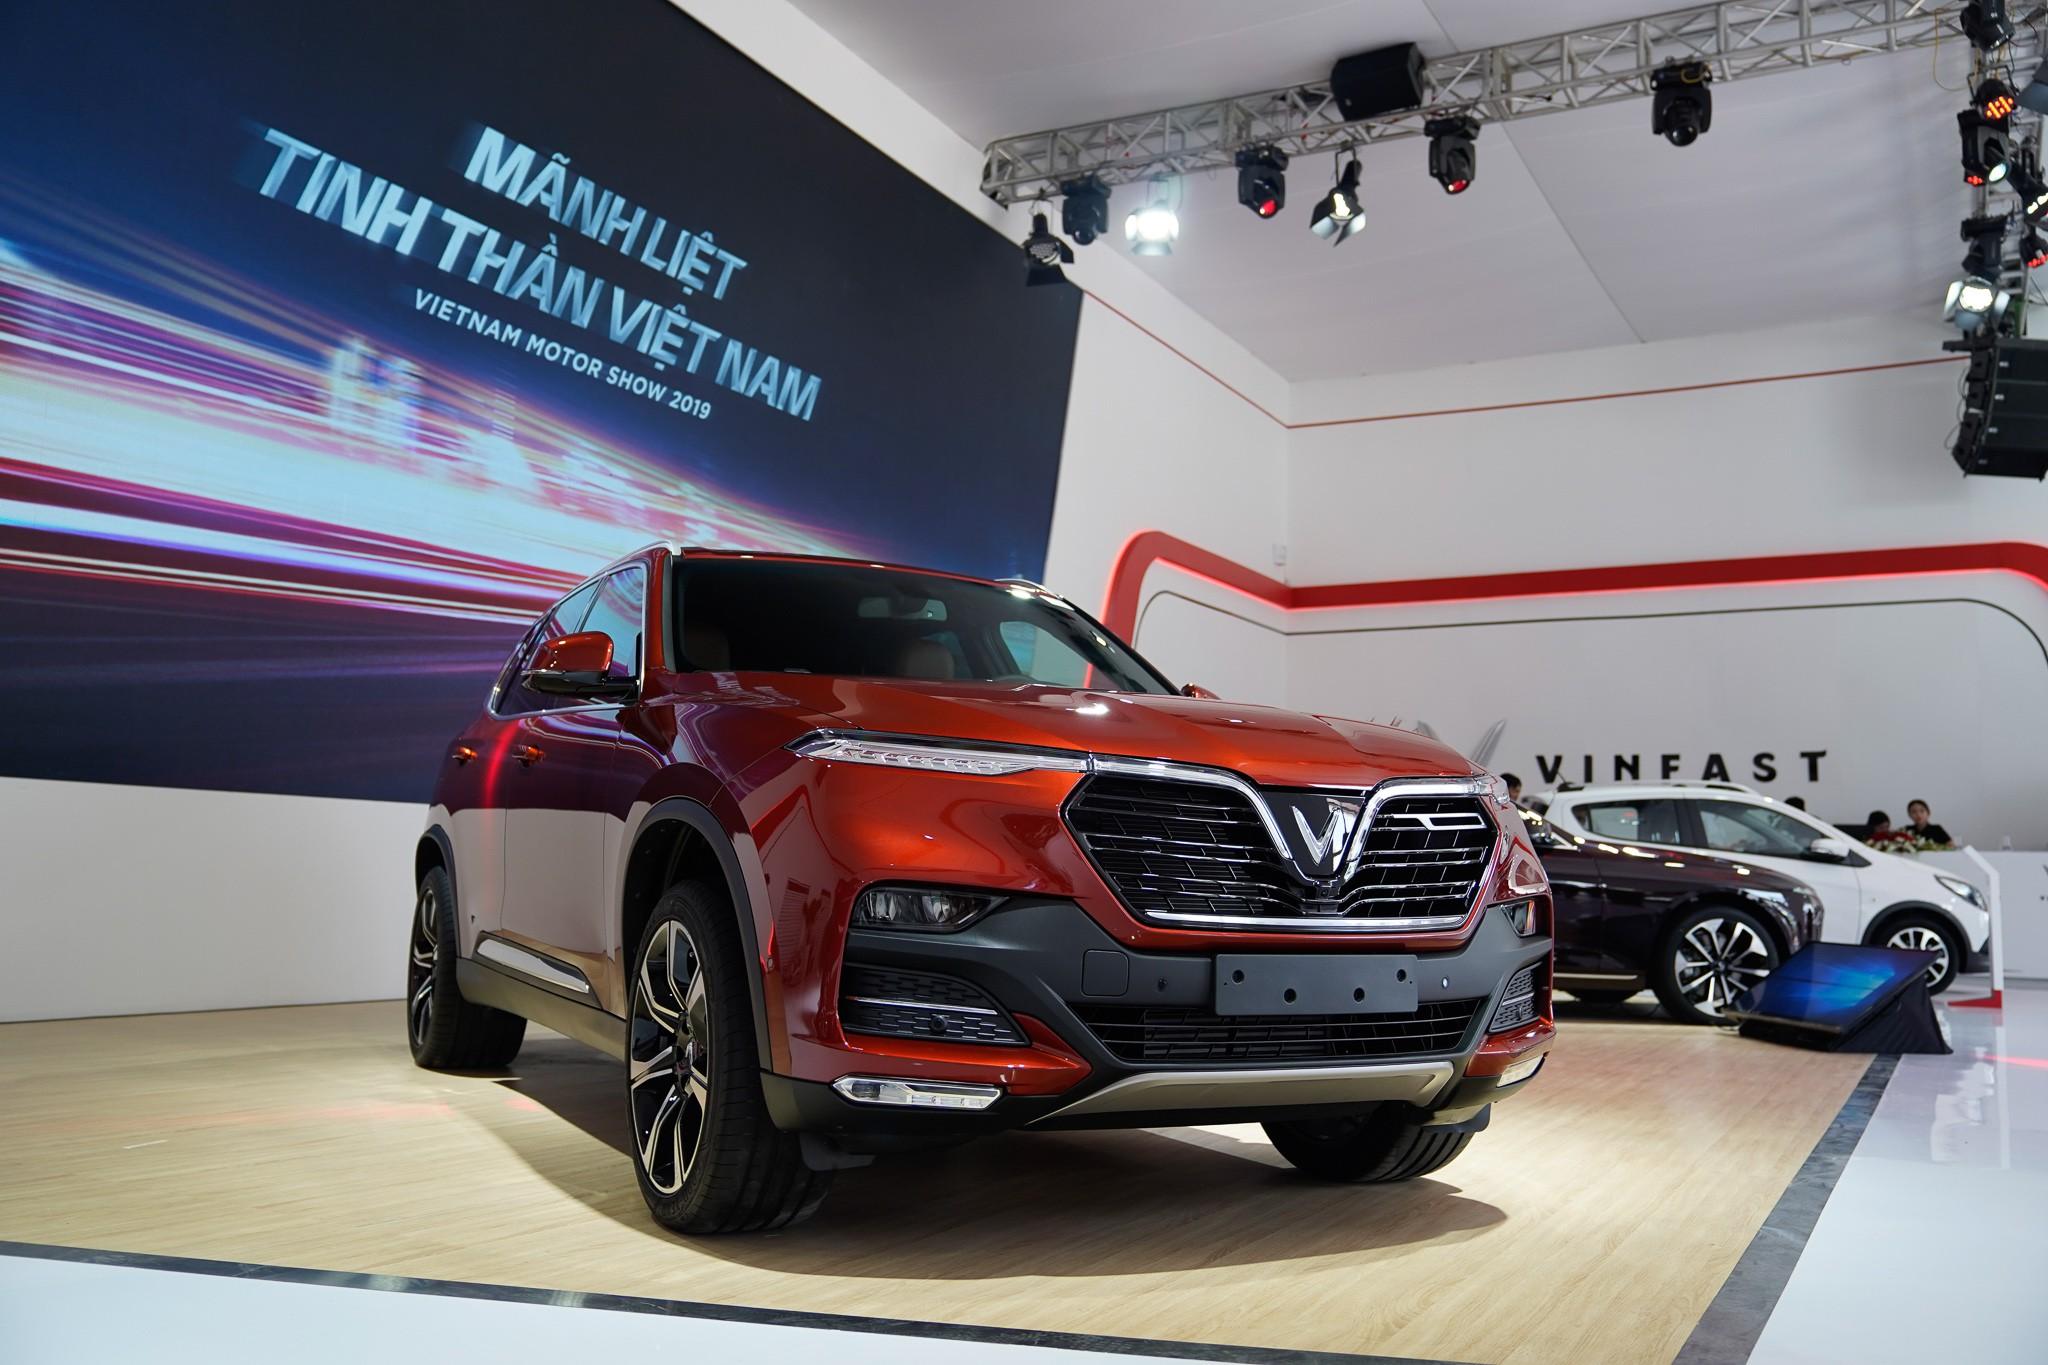 Xe VinFast đạt chứng nhận an toàn của ASEAN NCAP - Hình 1